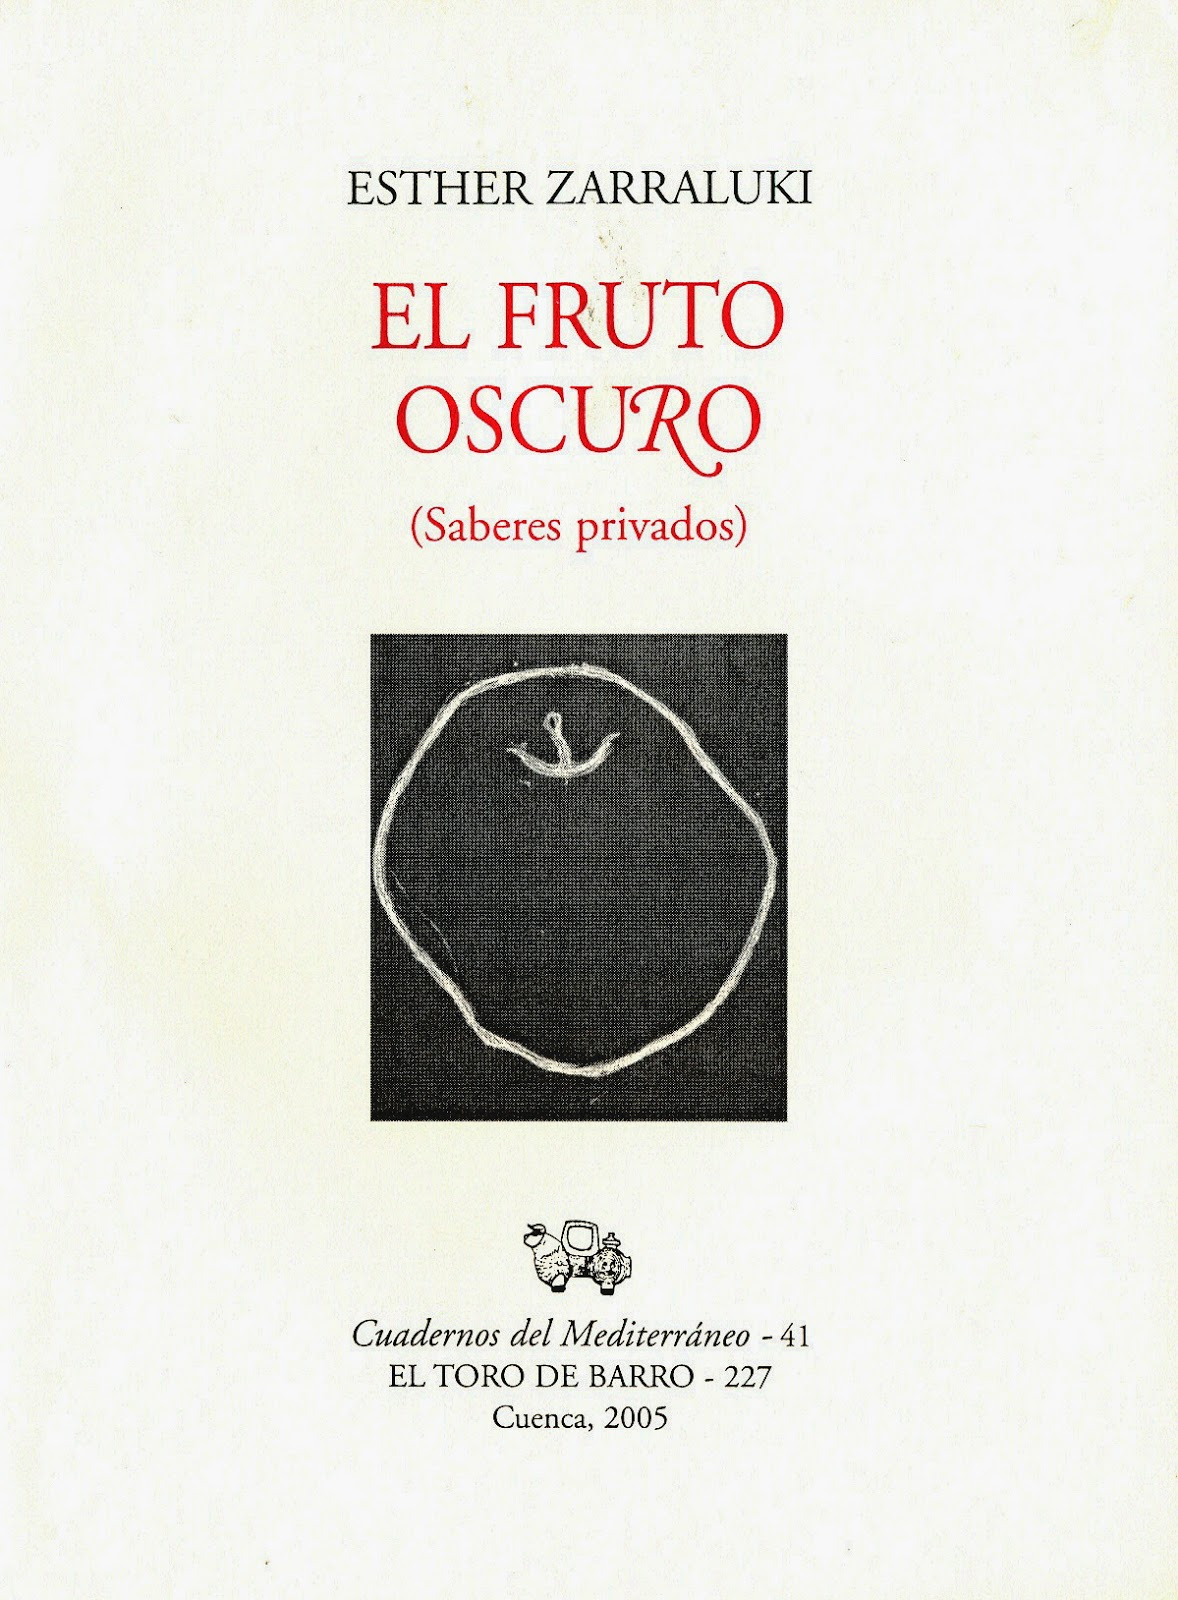 """Esther Zarraluki, """"El fruto oscuro"""", Col. Cuadernos del Mediterráneo, Ed. El Toro de Barro, Tarancón de Cuenca 2005"""